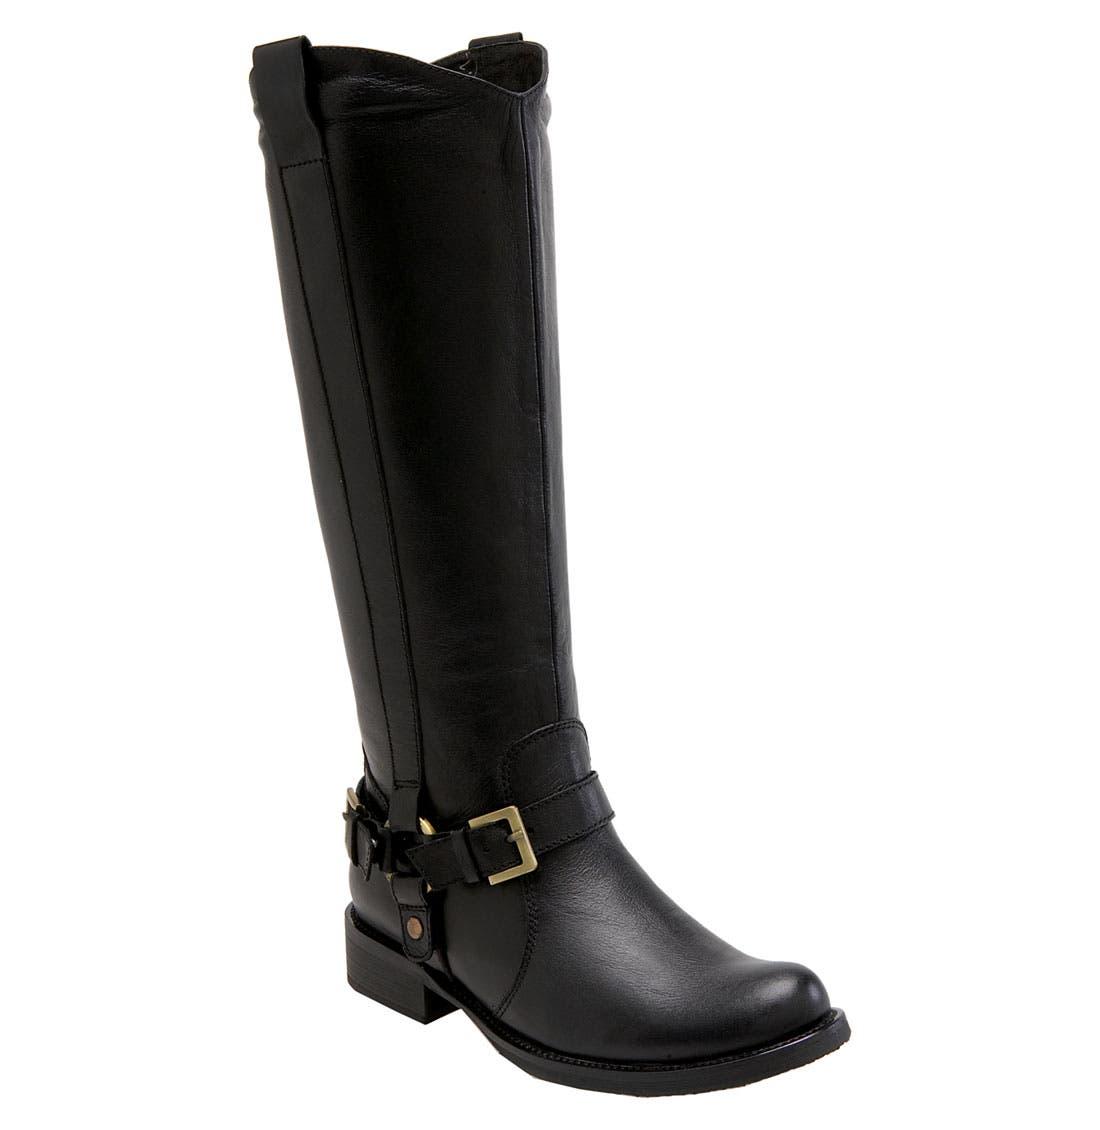 Main Image - Miz Mooz 'King' Boot